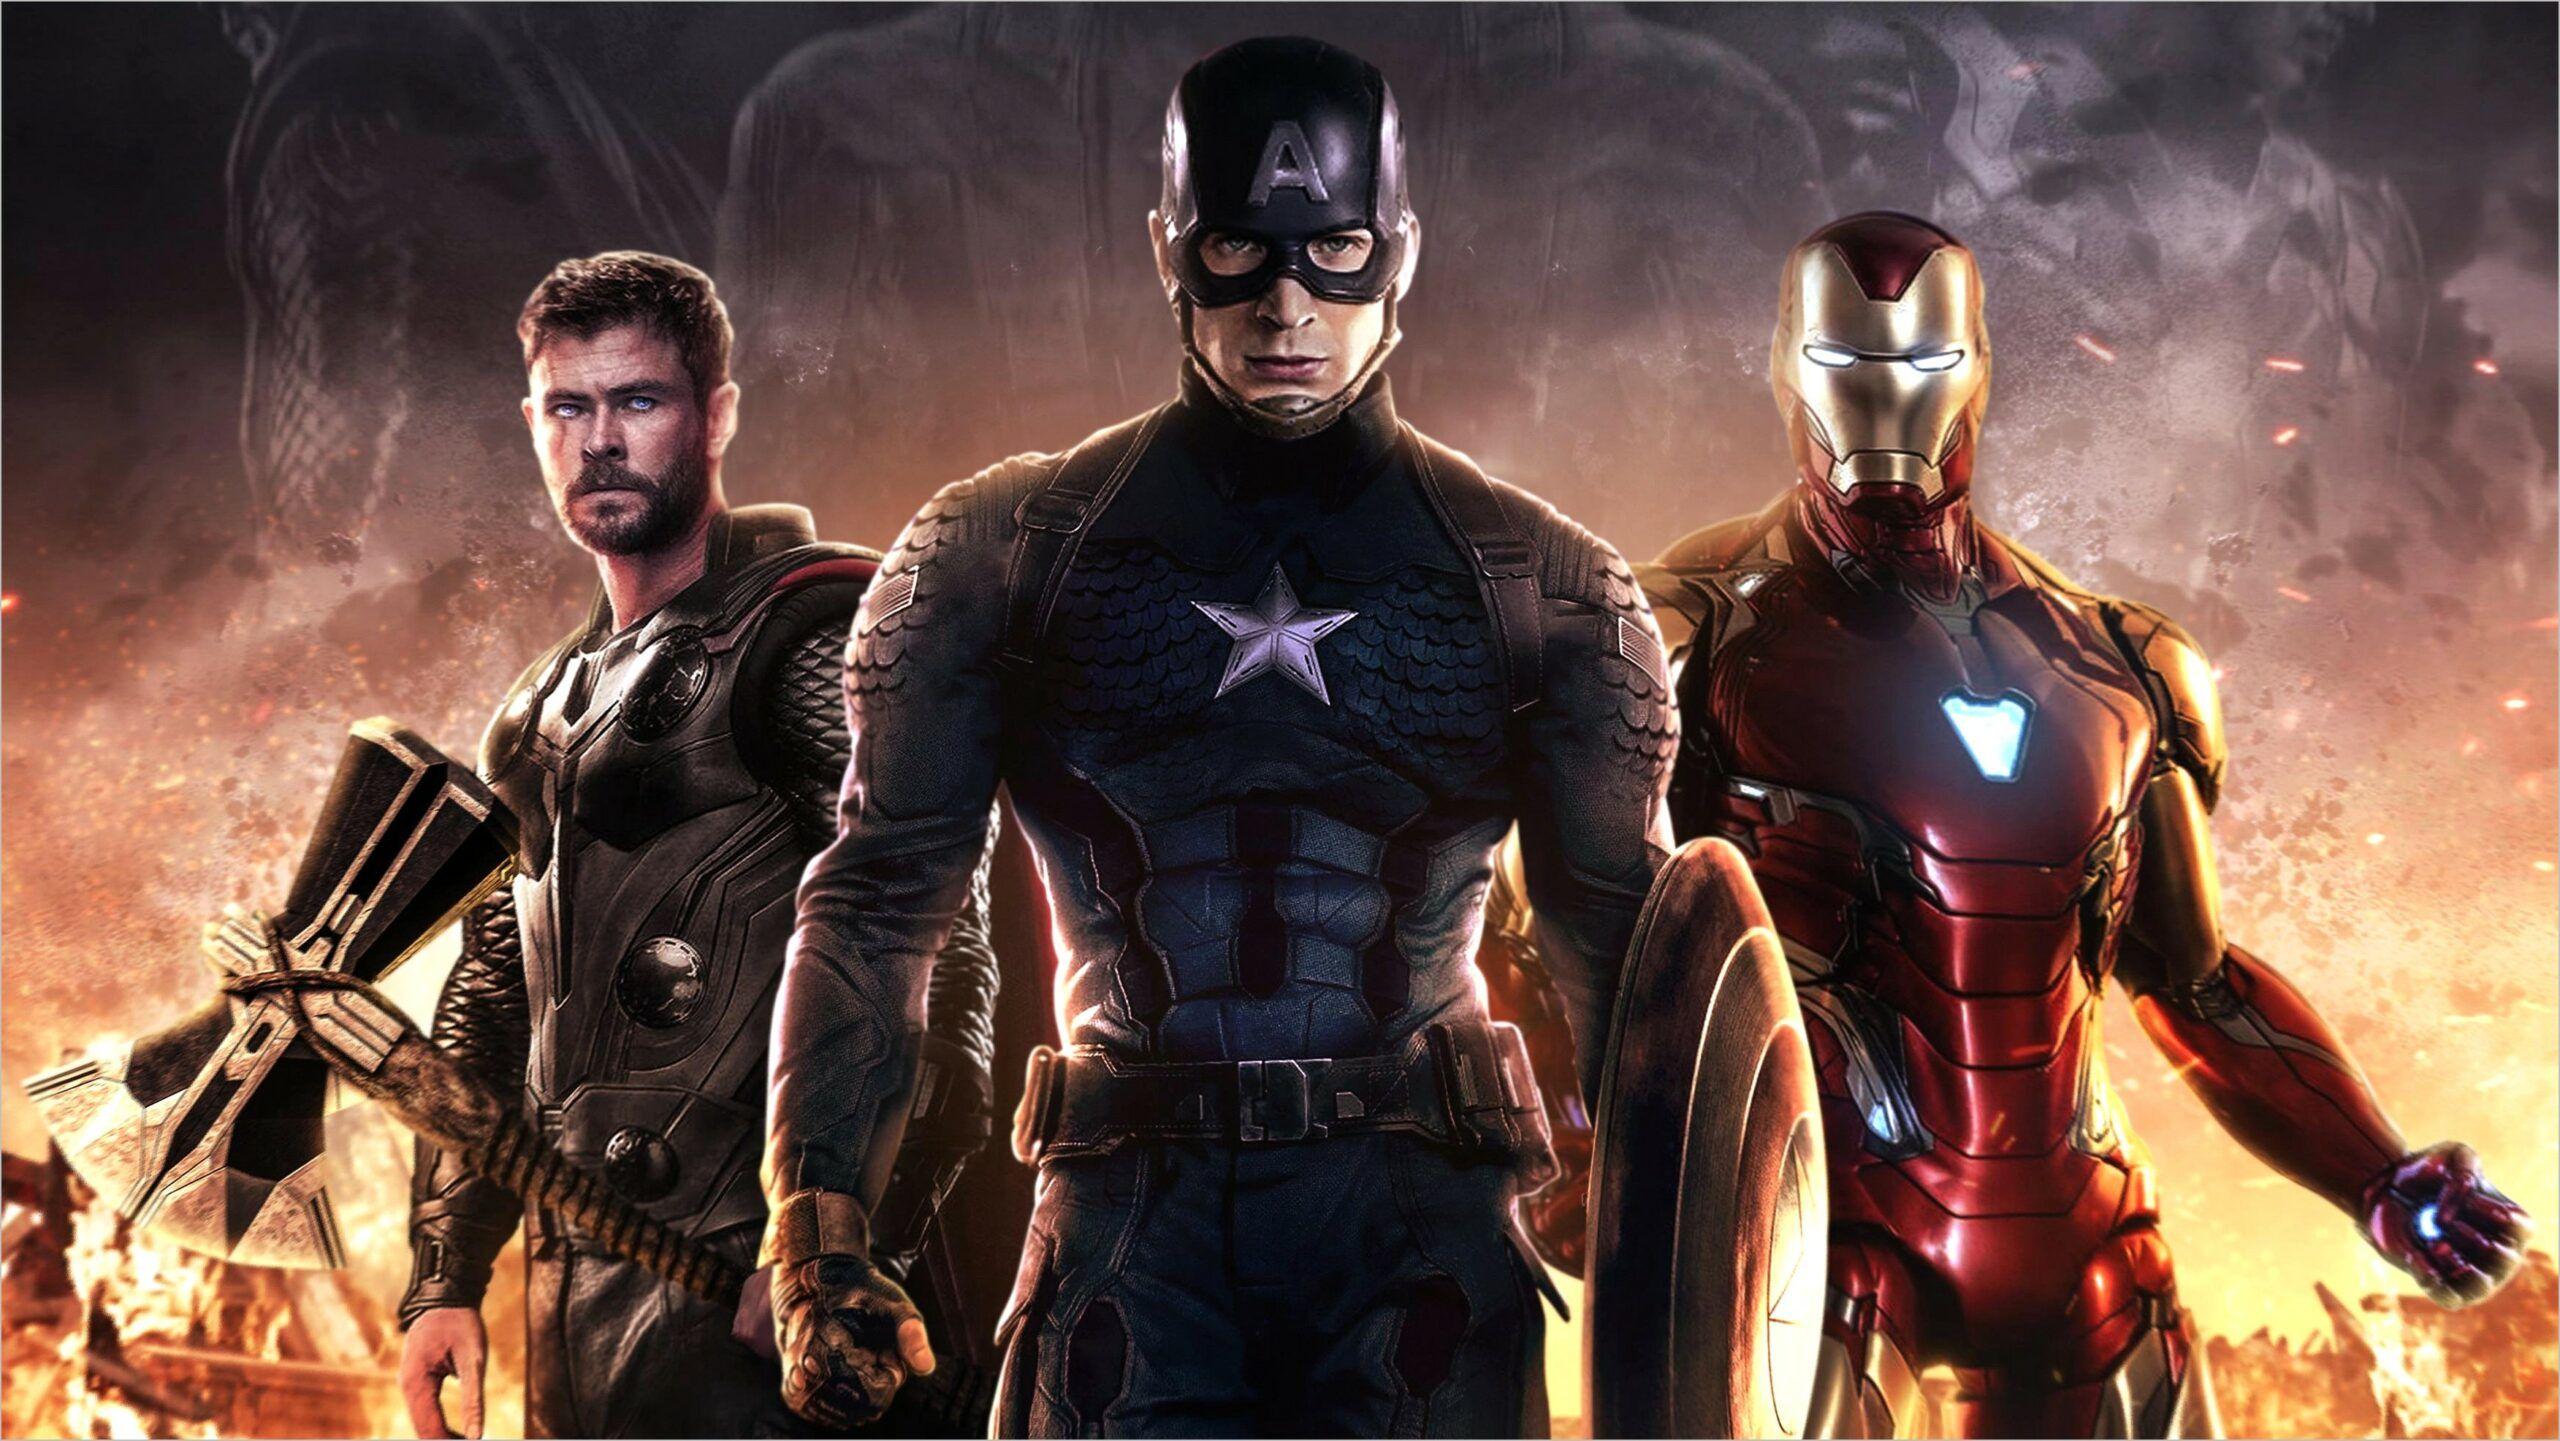 Avengers Endgame 4k Wallpapers In 2020 Marvel Studios Marvel